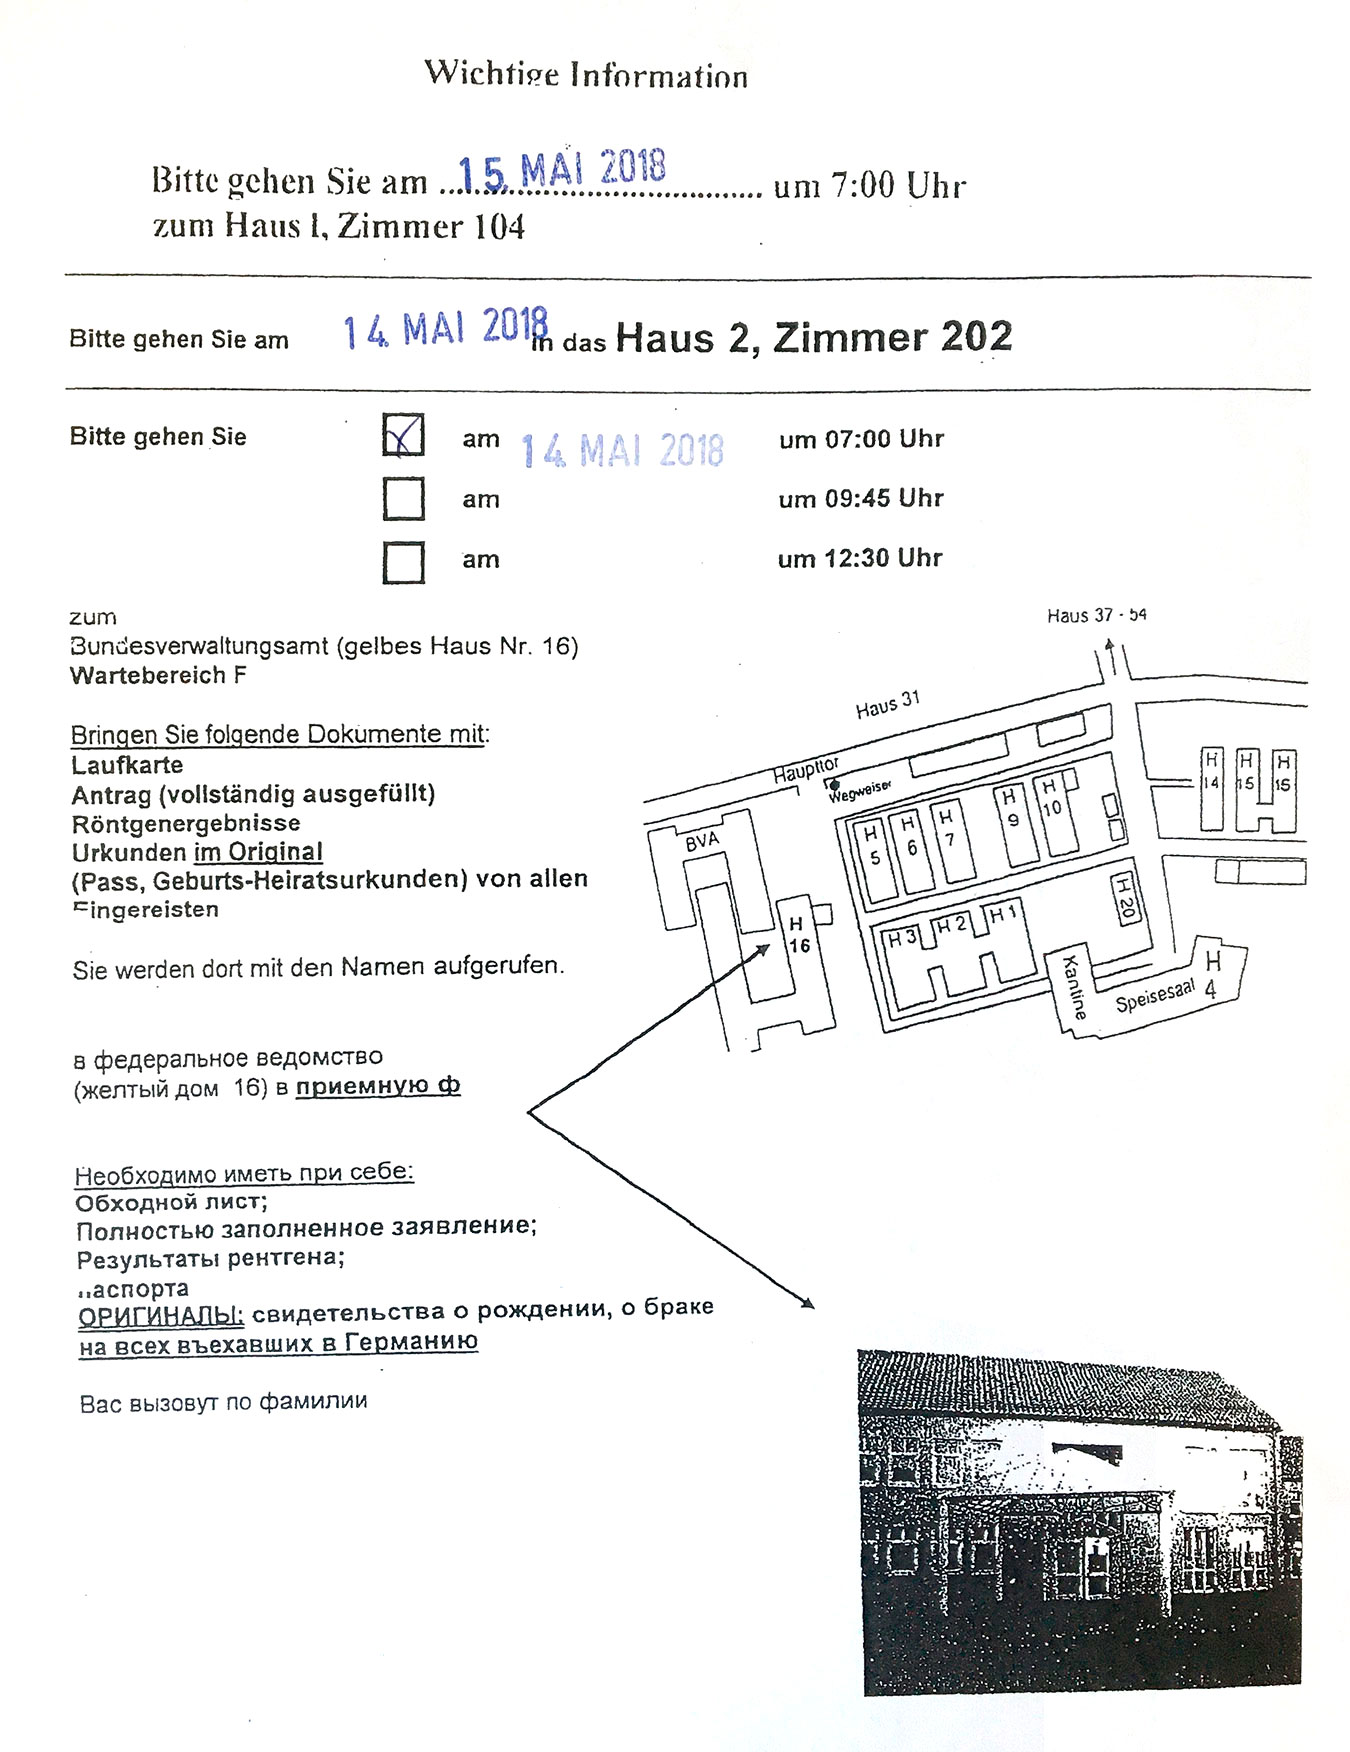 Листок с информацией для тех, кто заселяется во Фридланд